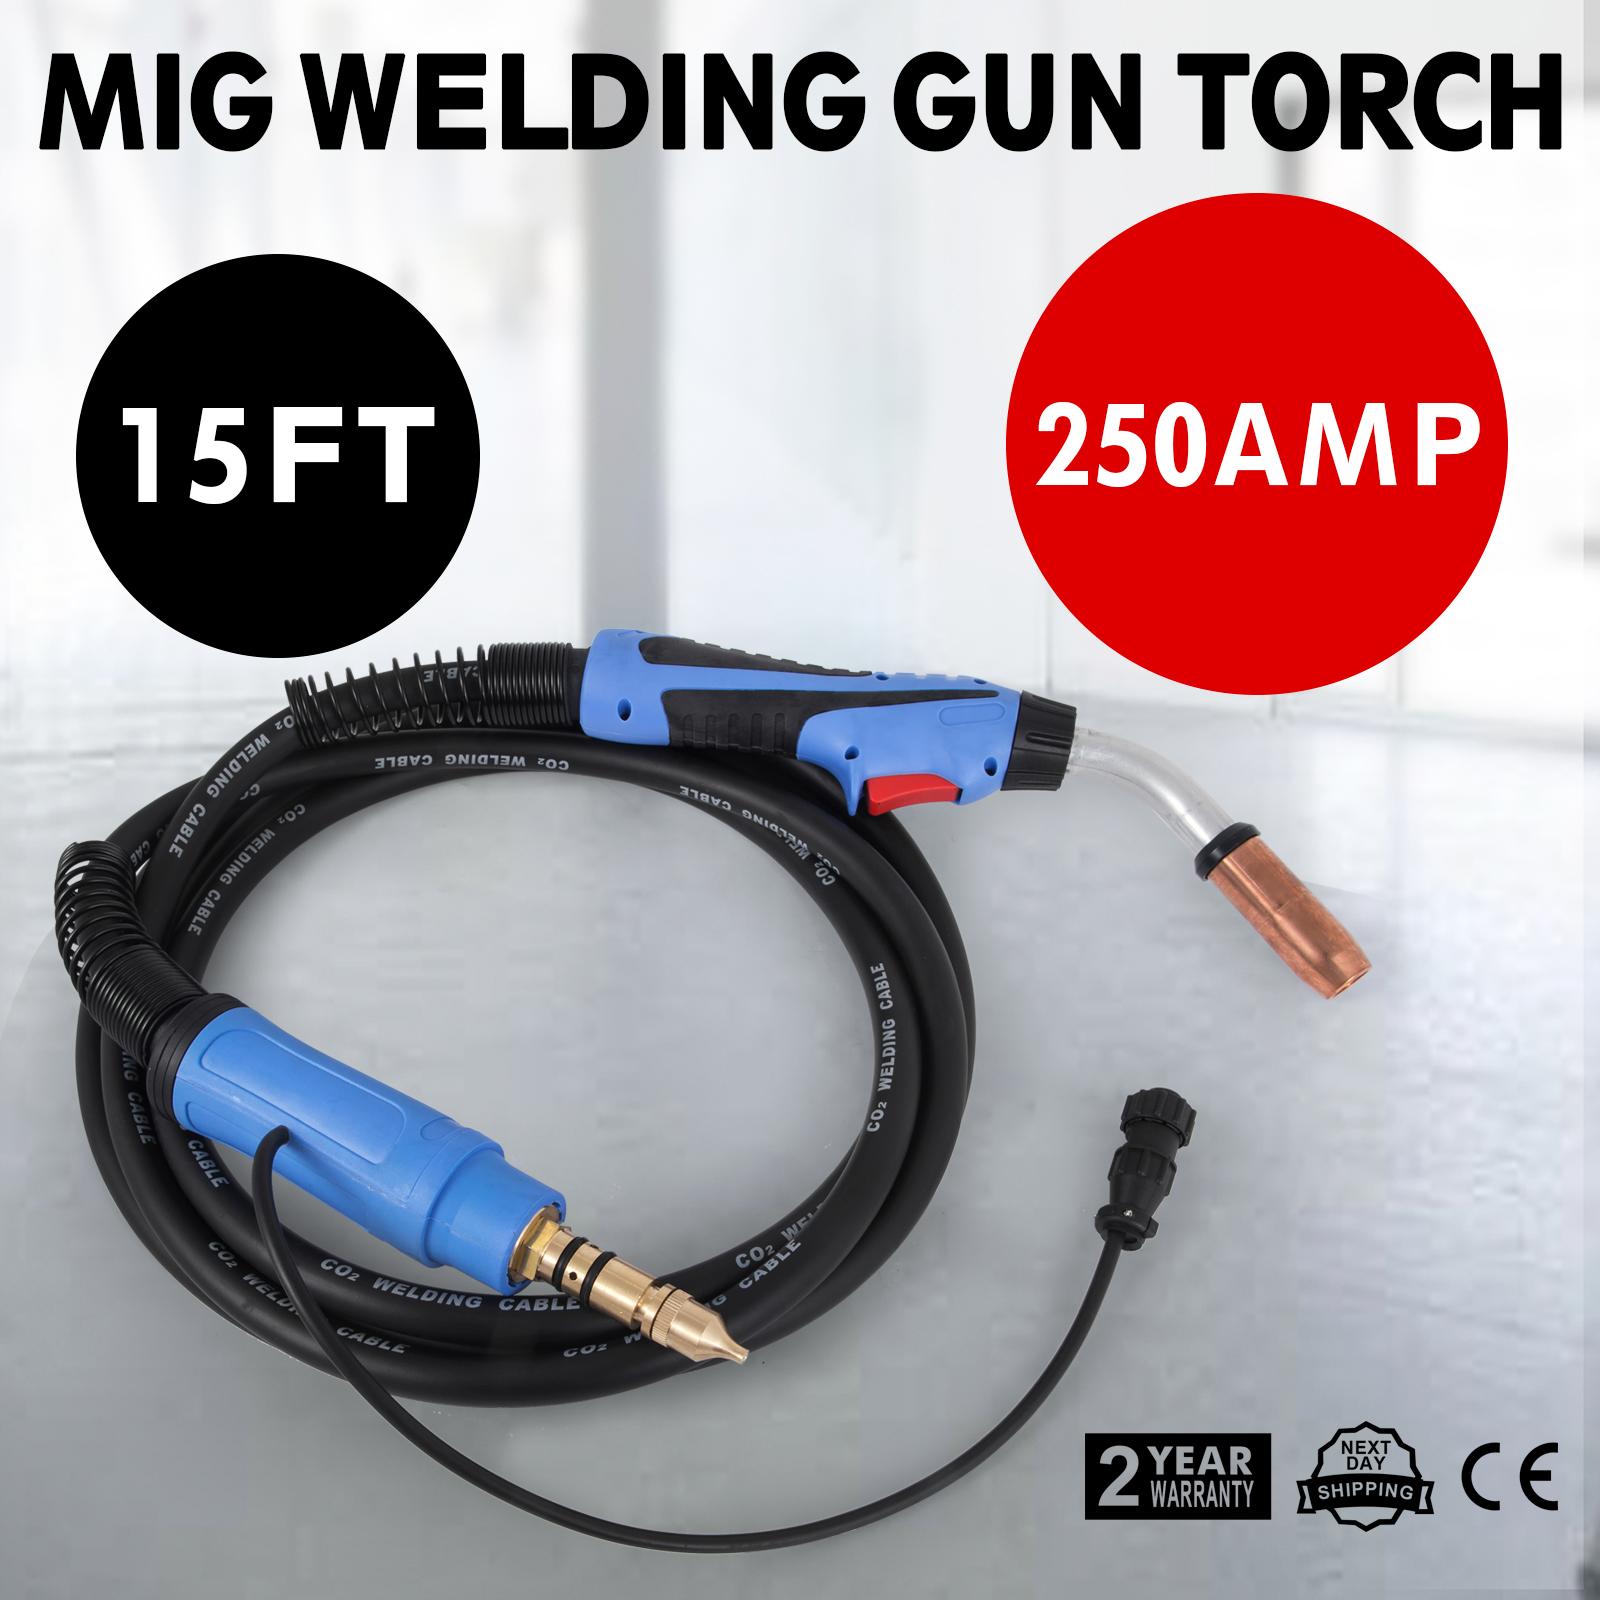 Masterweld Miller 250 amp 169598 Mig Welding Gun Torch Stinger M-25 15 ft M25